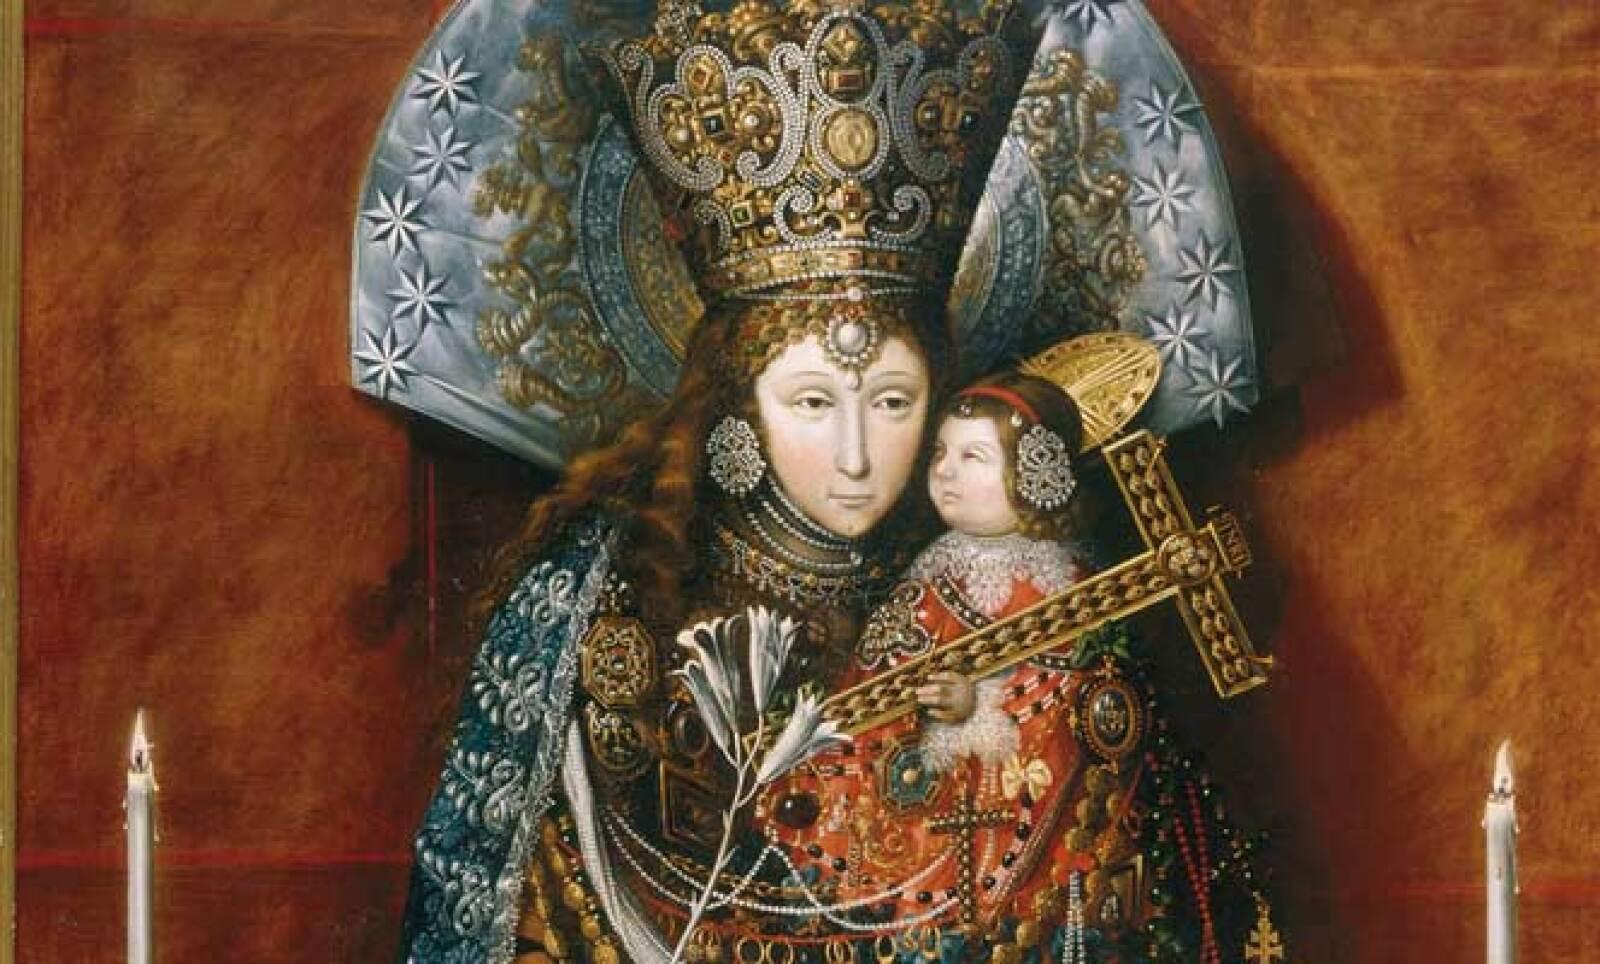 Autor: Tomás Yepes. Material: Óleo sobre tela. Tamaño: 185 x 121 cm. Origen: Monasterio de las Descalzas Reales, Madrid, España.